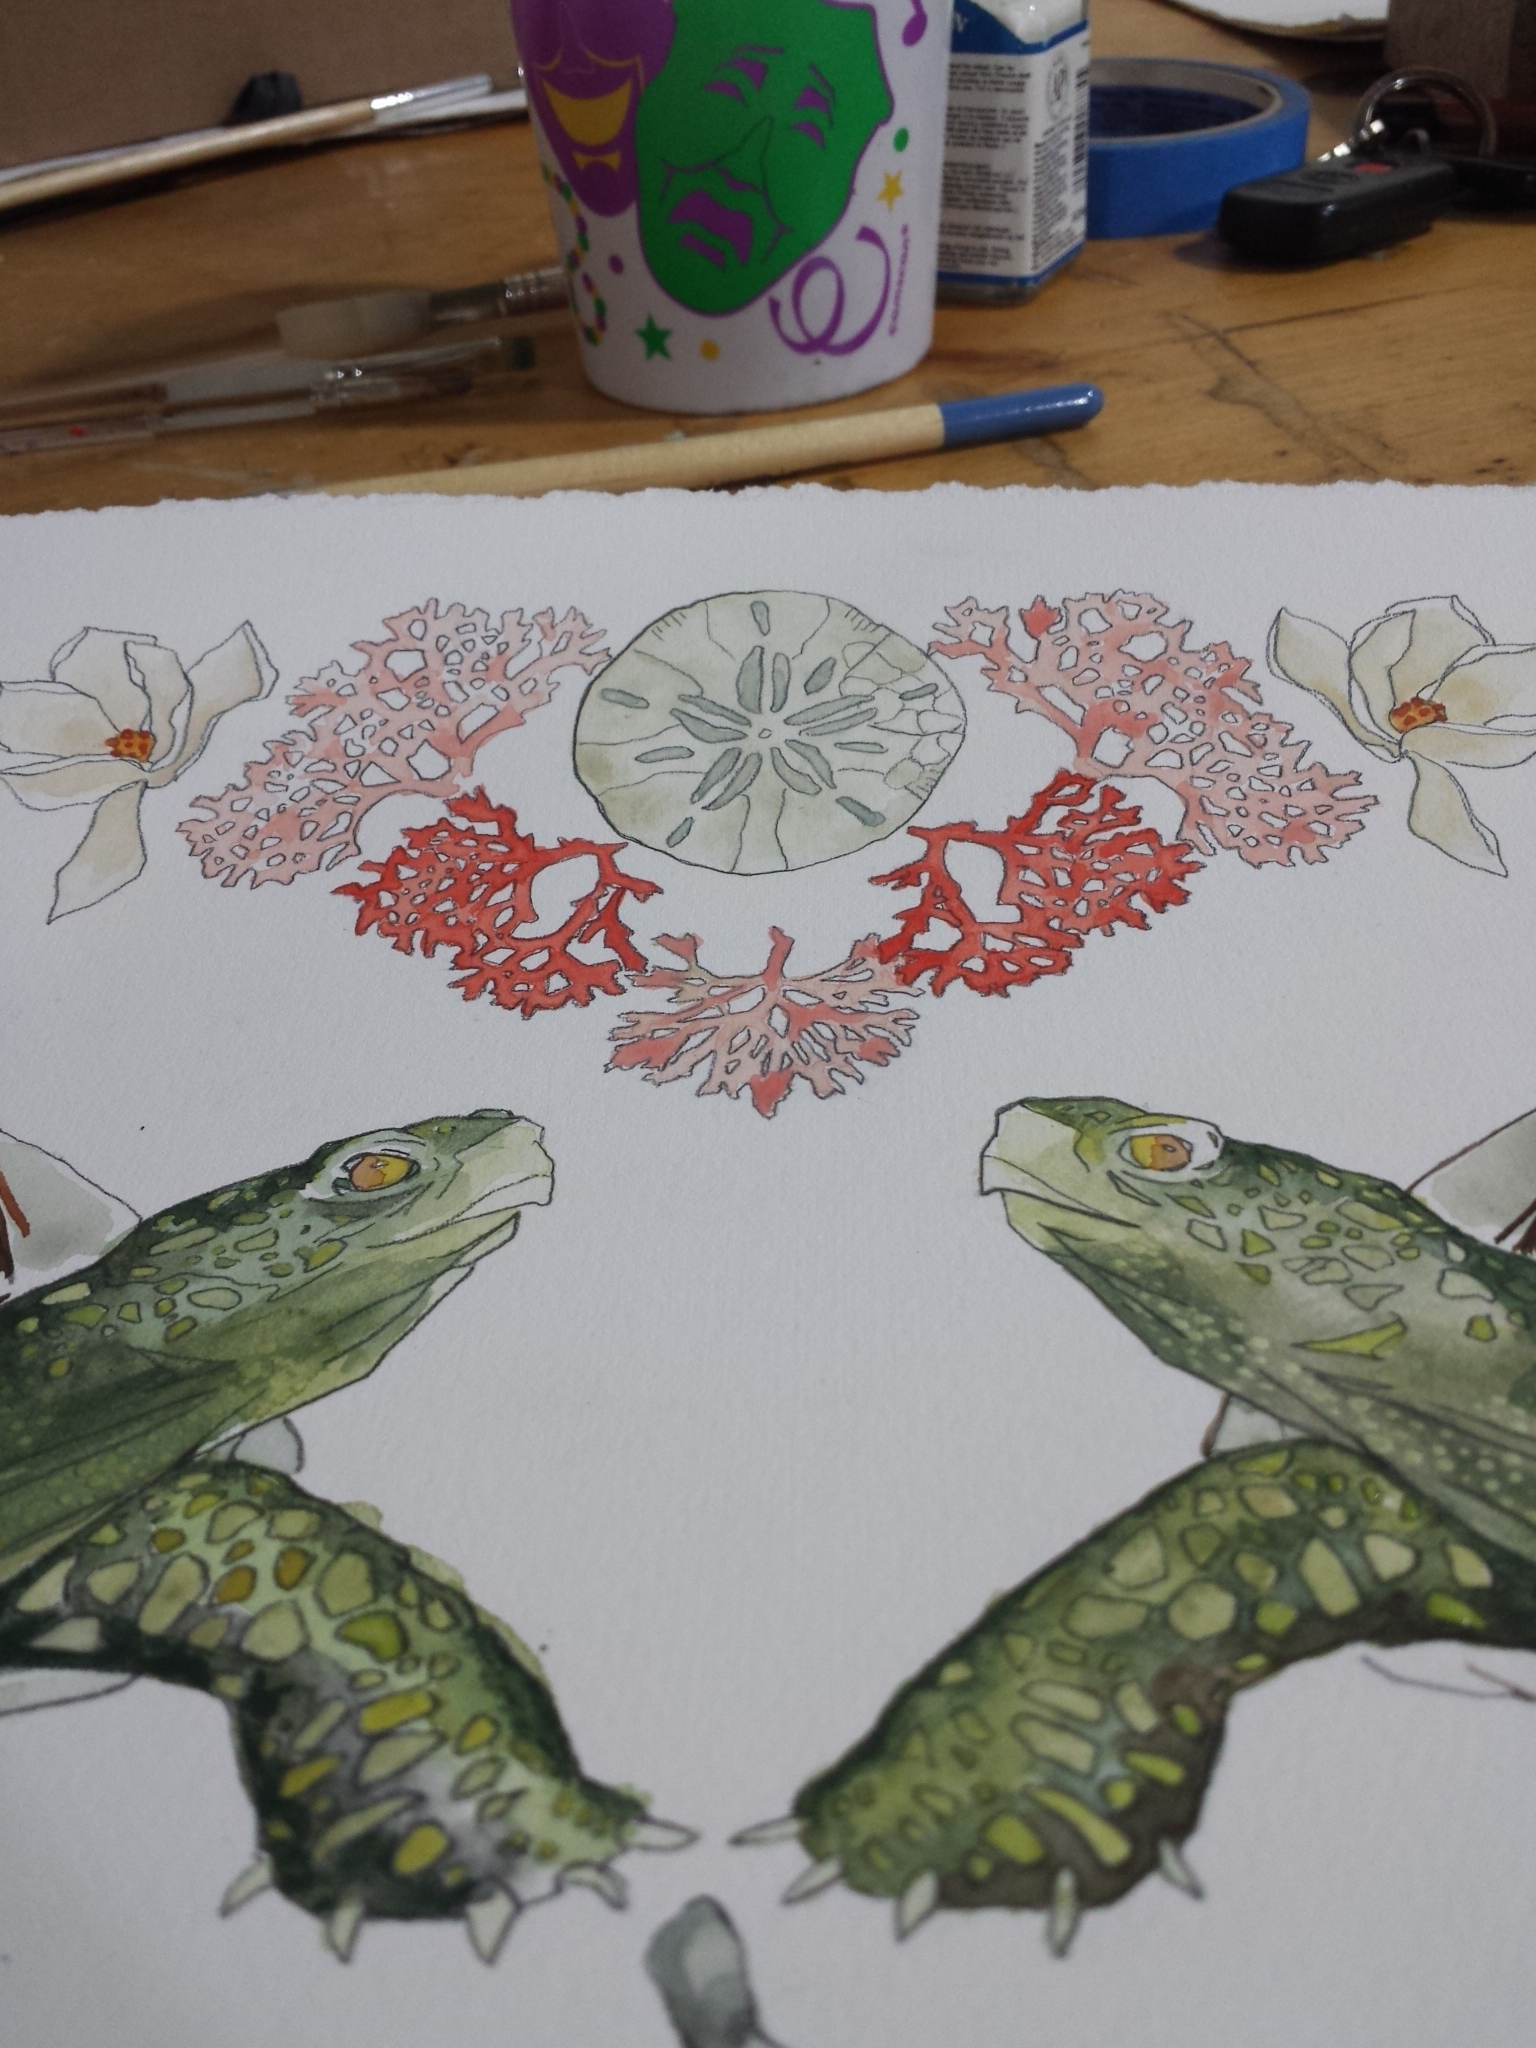 Commission-Turtles-1.jpg